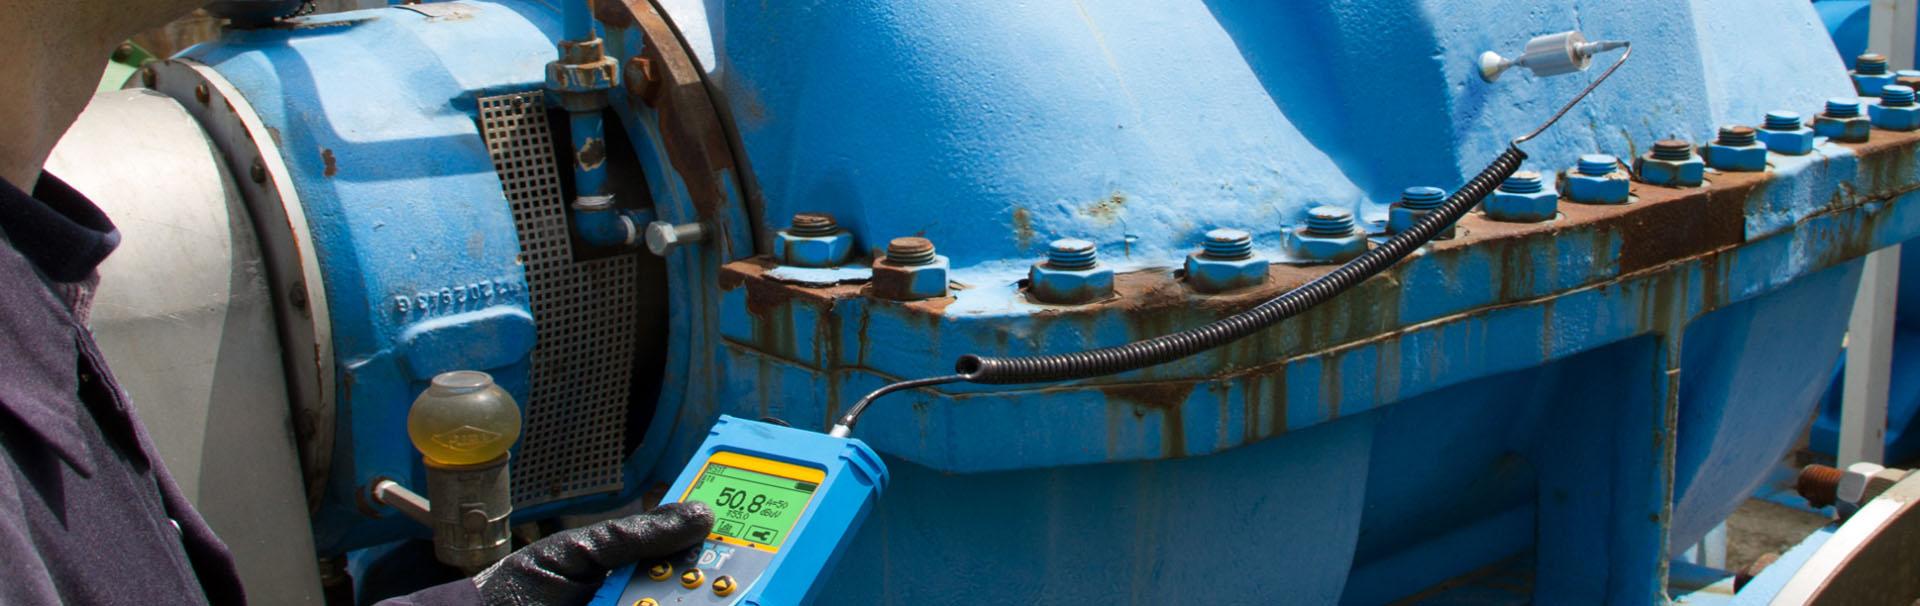 Überwachung von hydraulischen Systemen mit Ultraschall